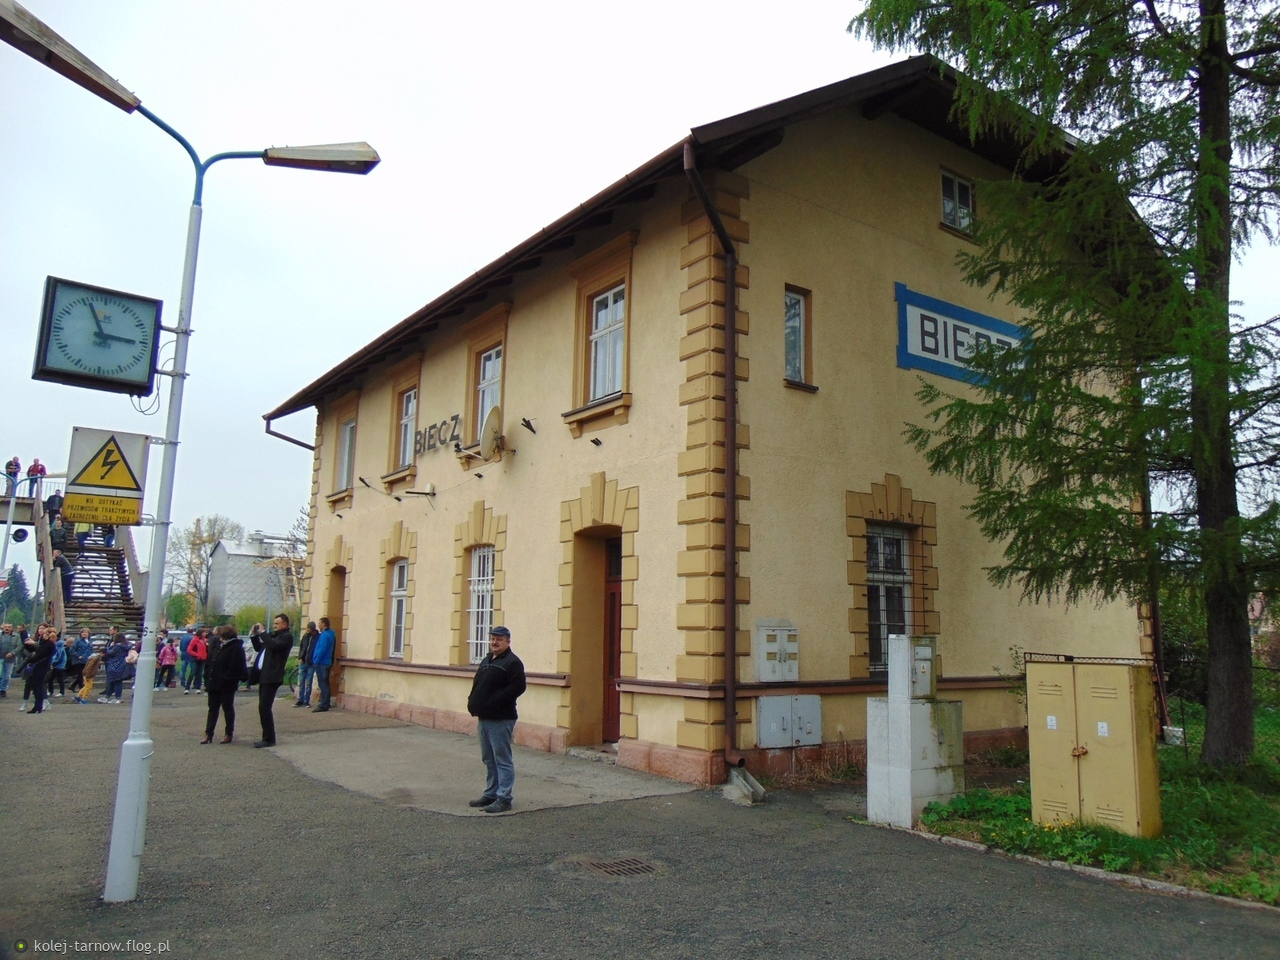 Dworzec kolejowy w Bieczu